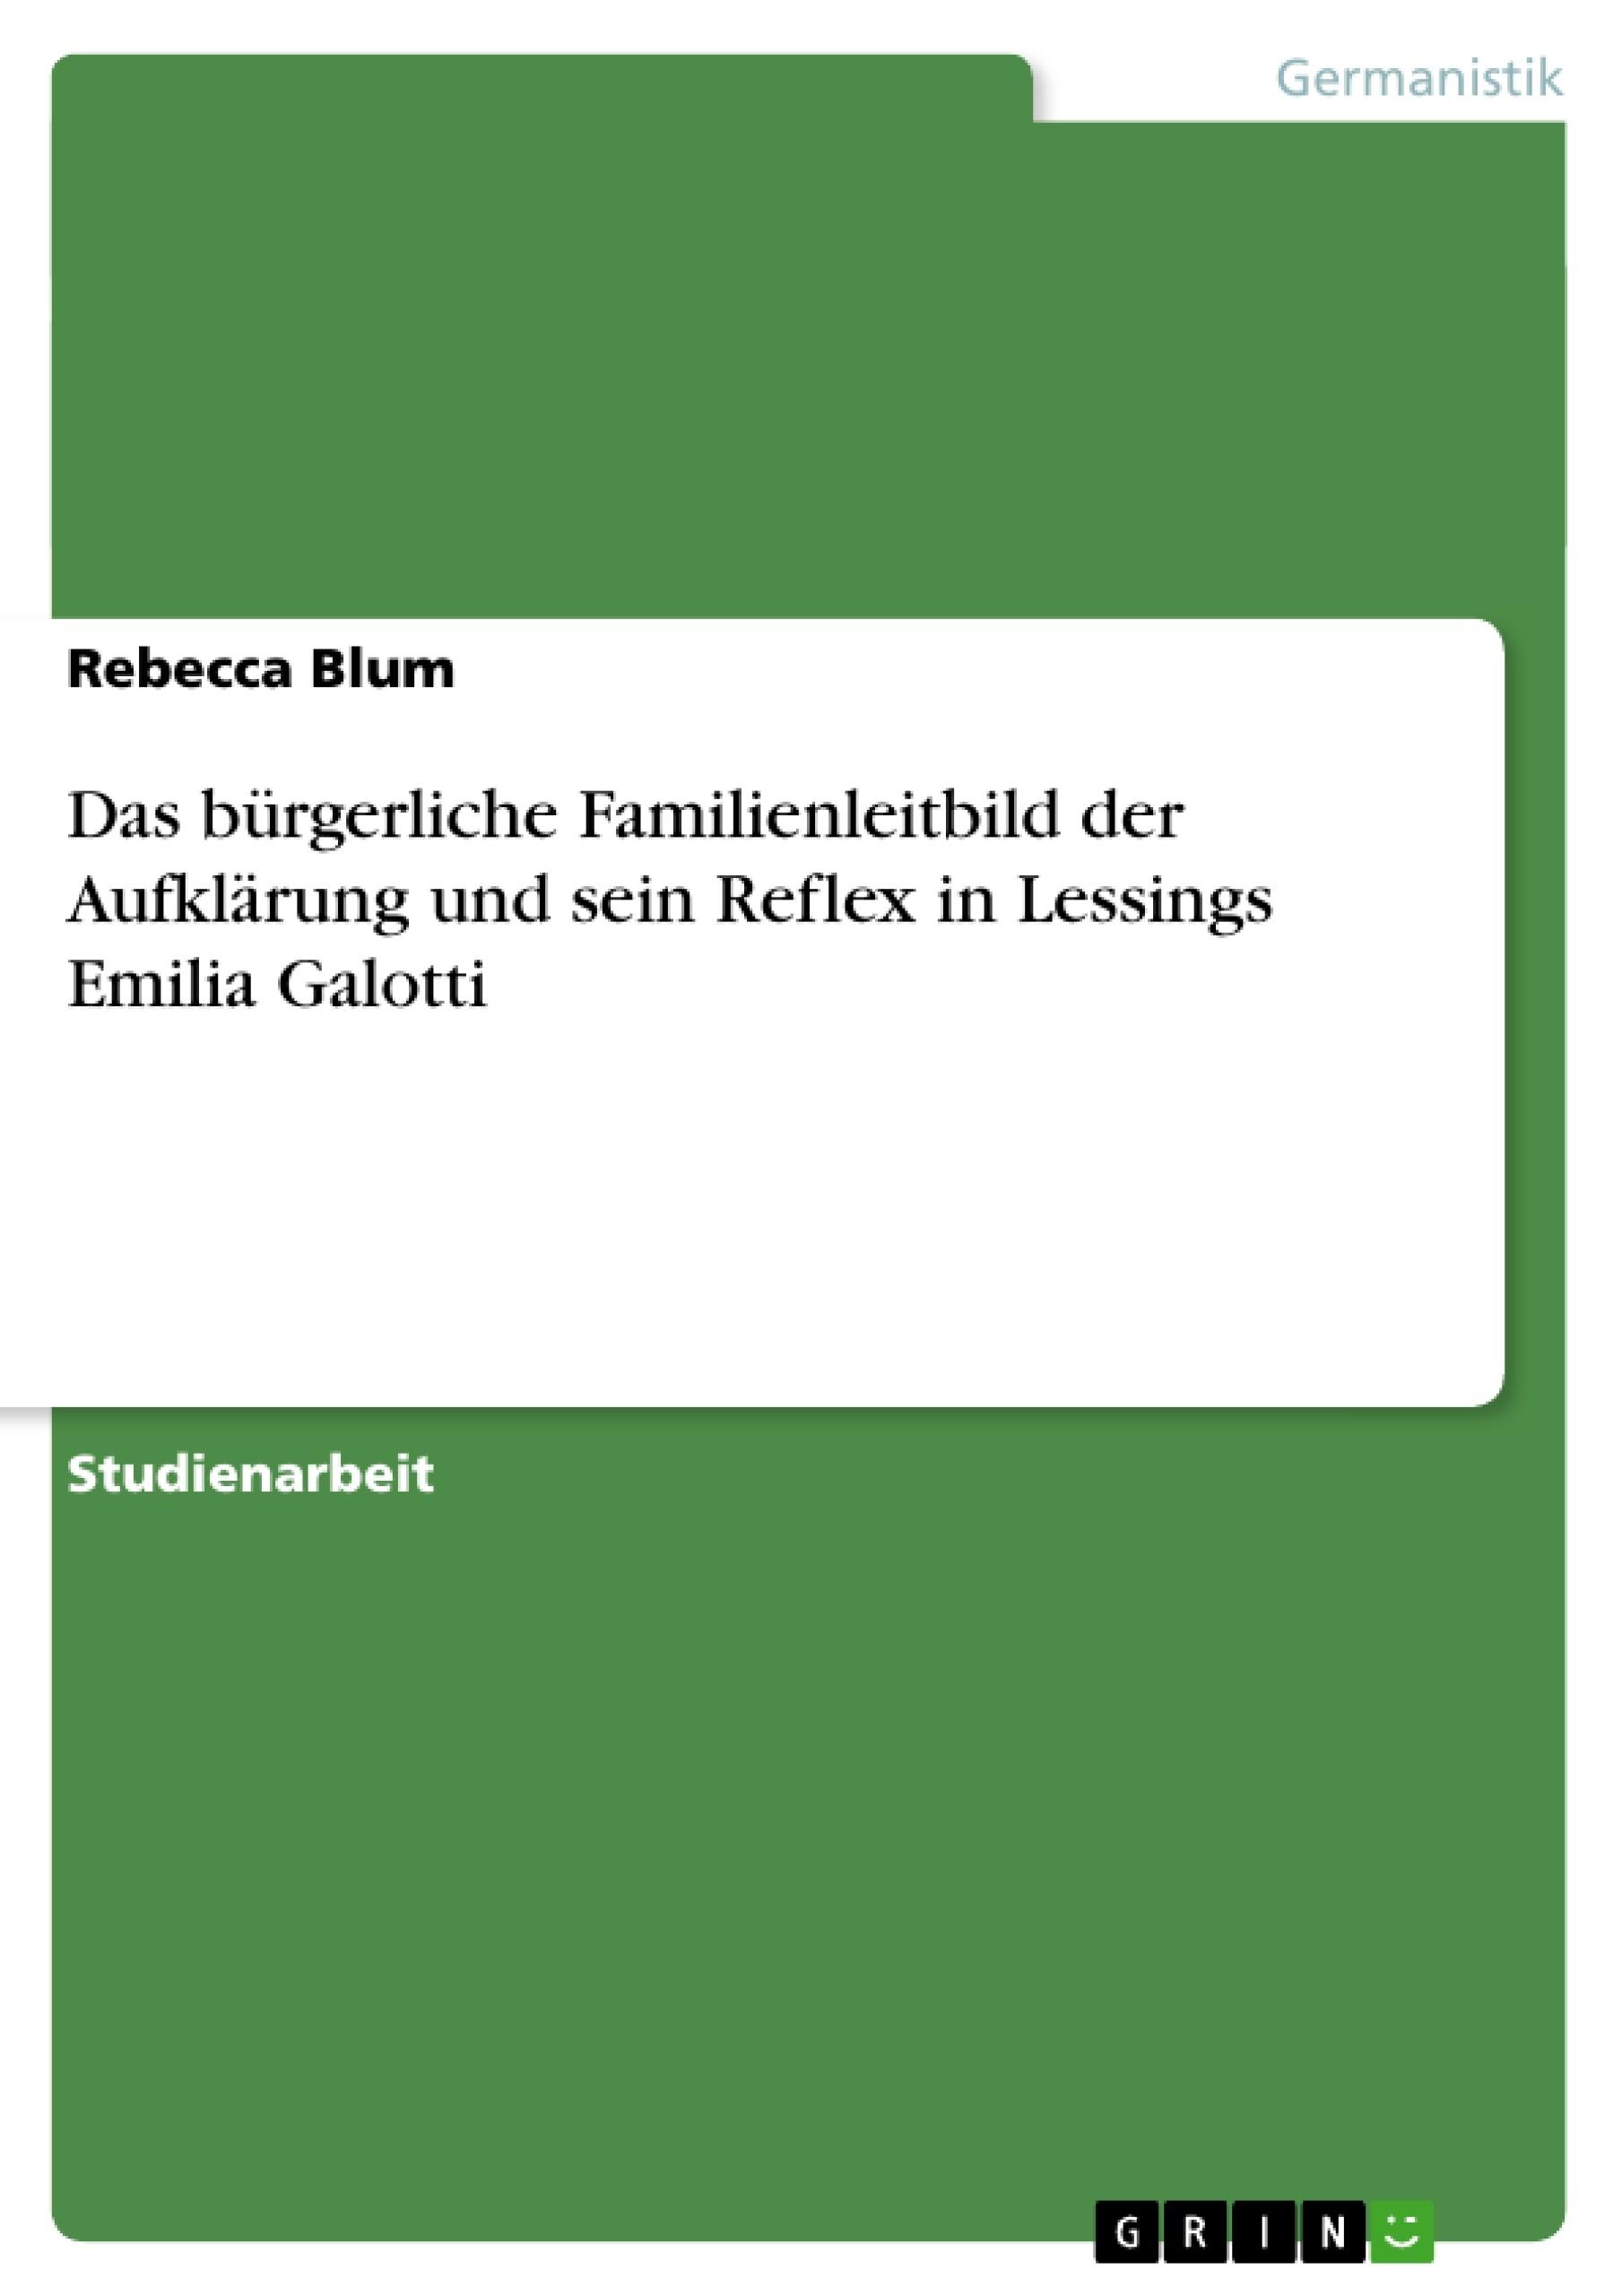 Titel: Das bürgerliche Familienleitbild der Aufklärung und sein Reflex in Lessings Emilia Galotti